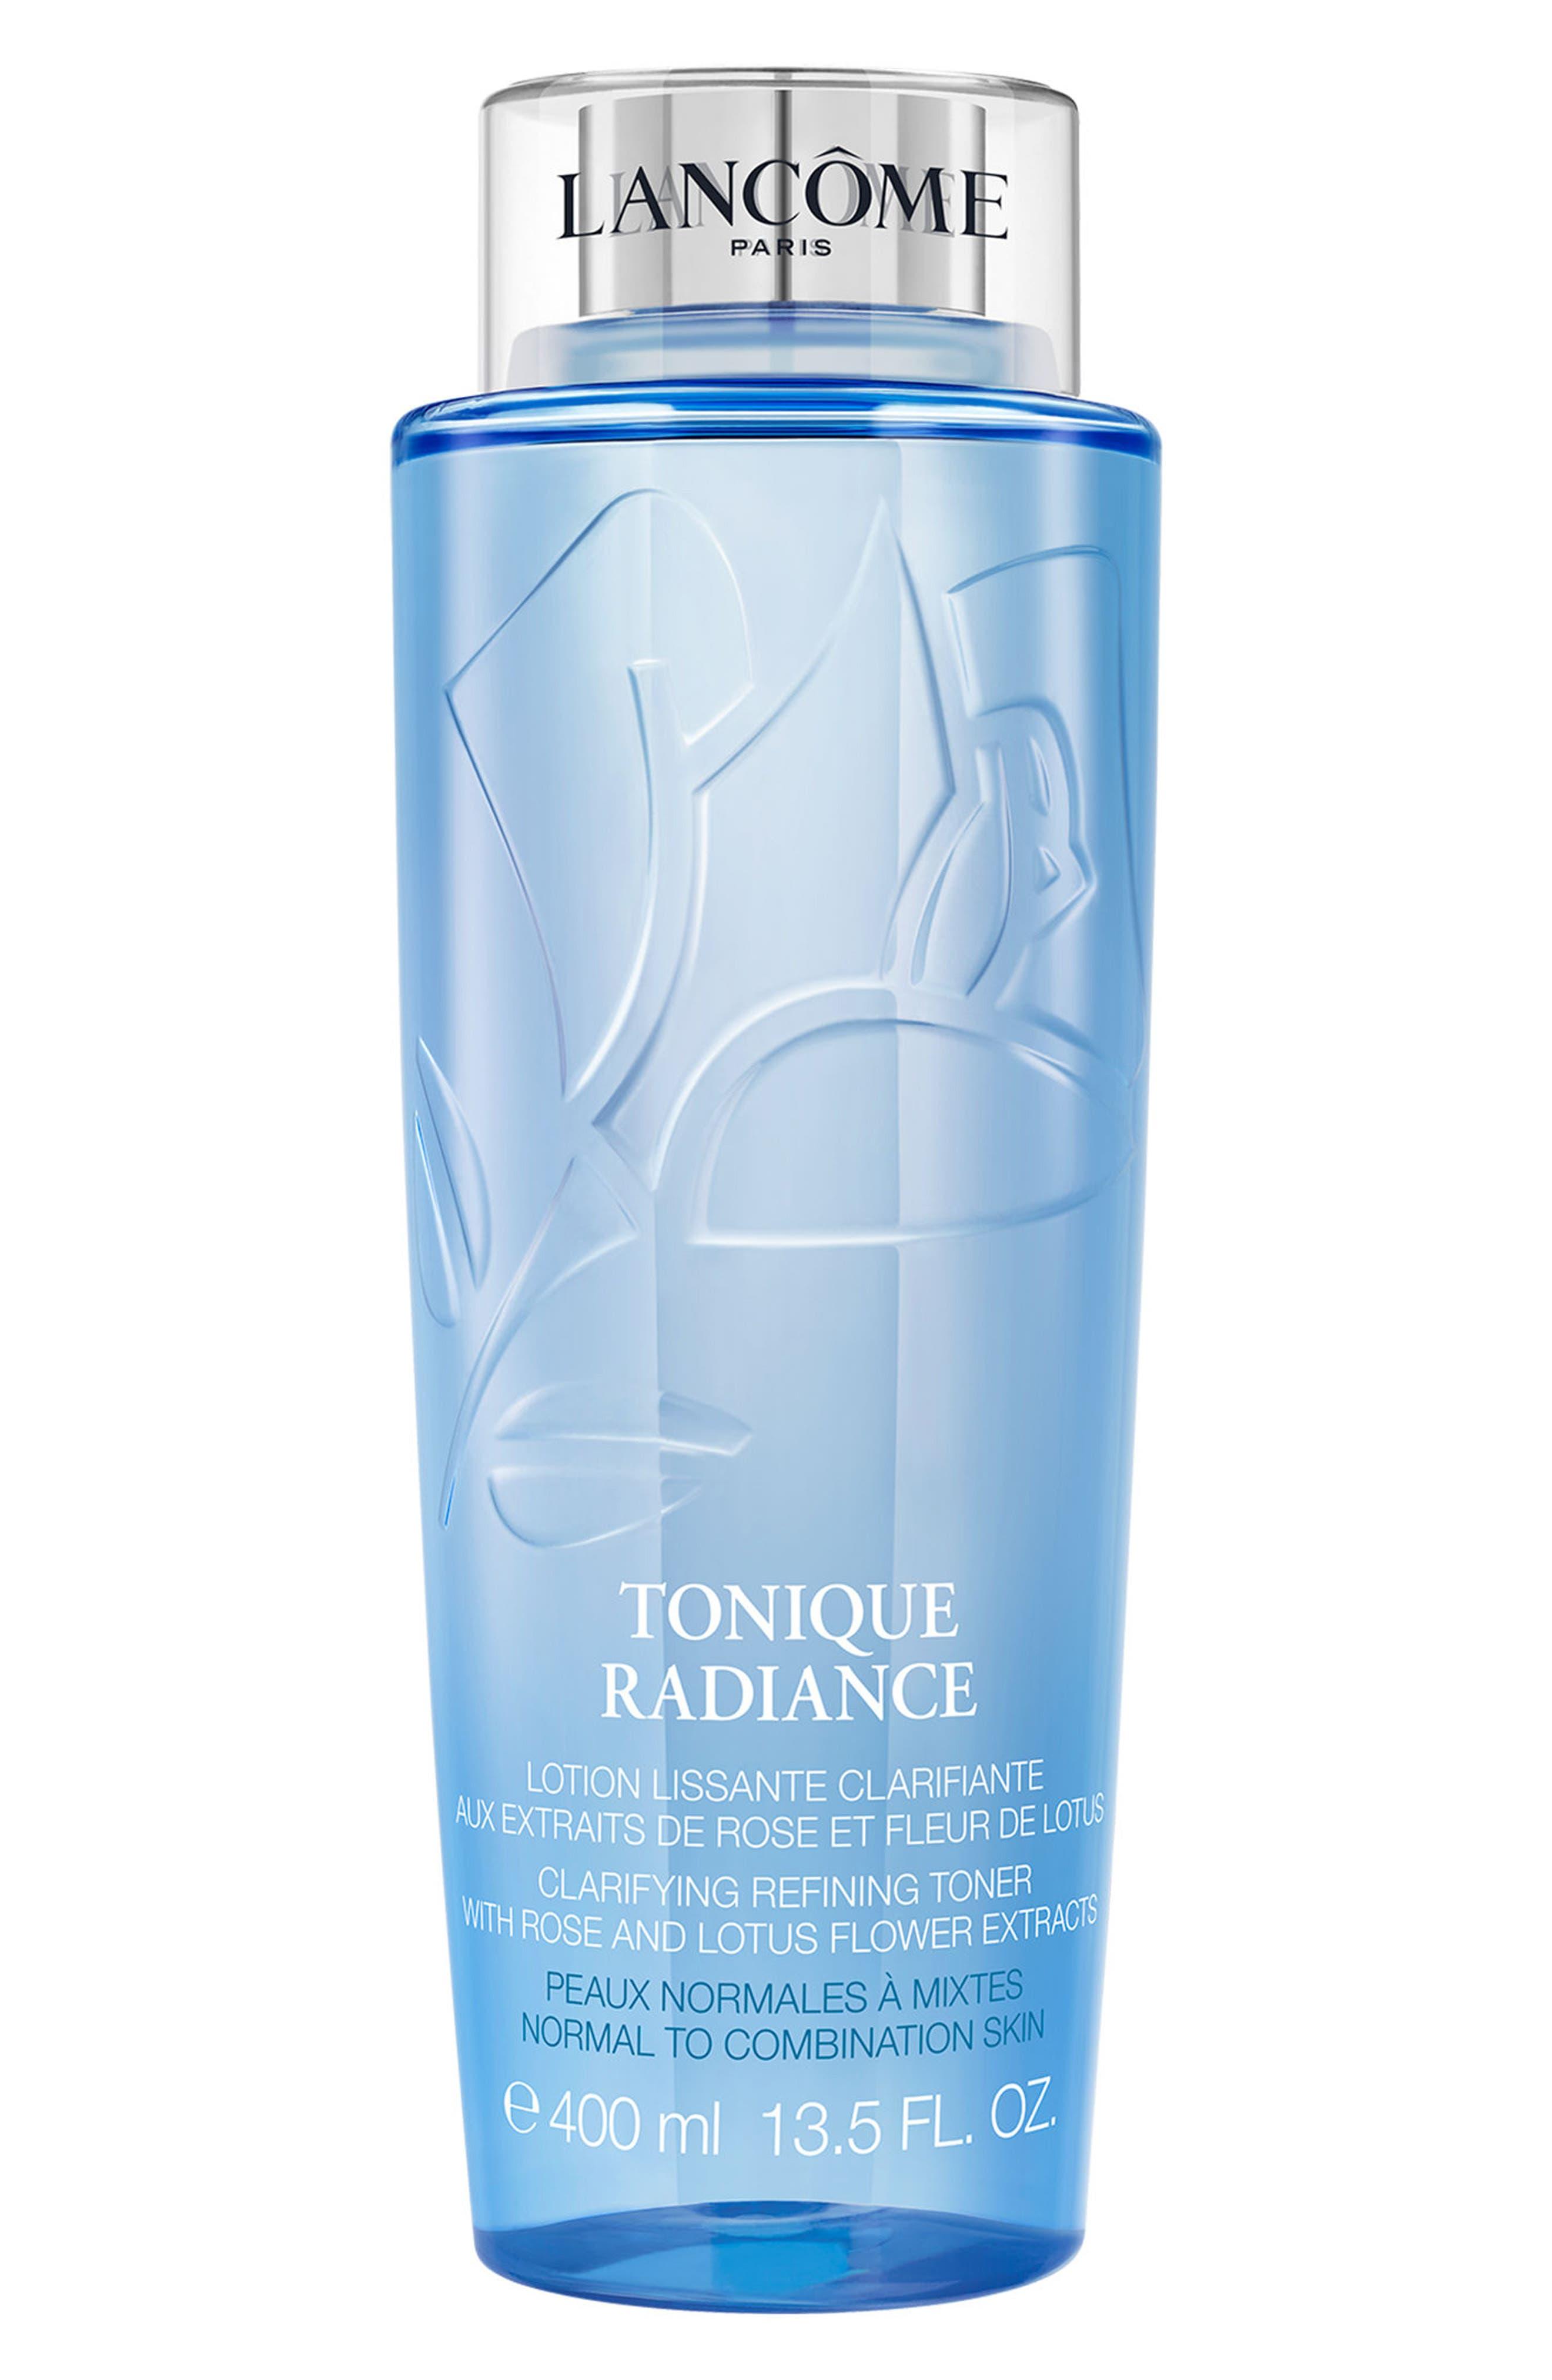 Alternate Image 1 Selected - Lancôme Tonique Radiance Clarifying Exfoliating Toner (13.5 oz.) ($49 Value)